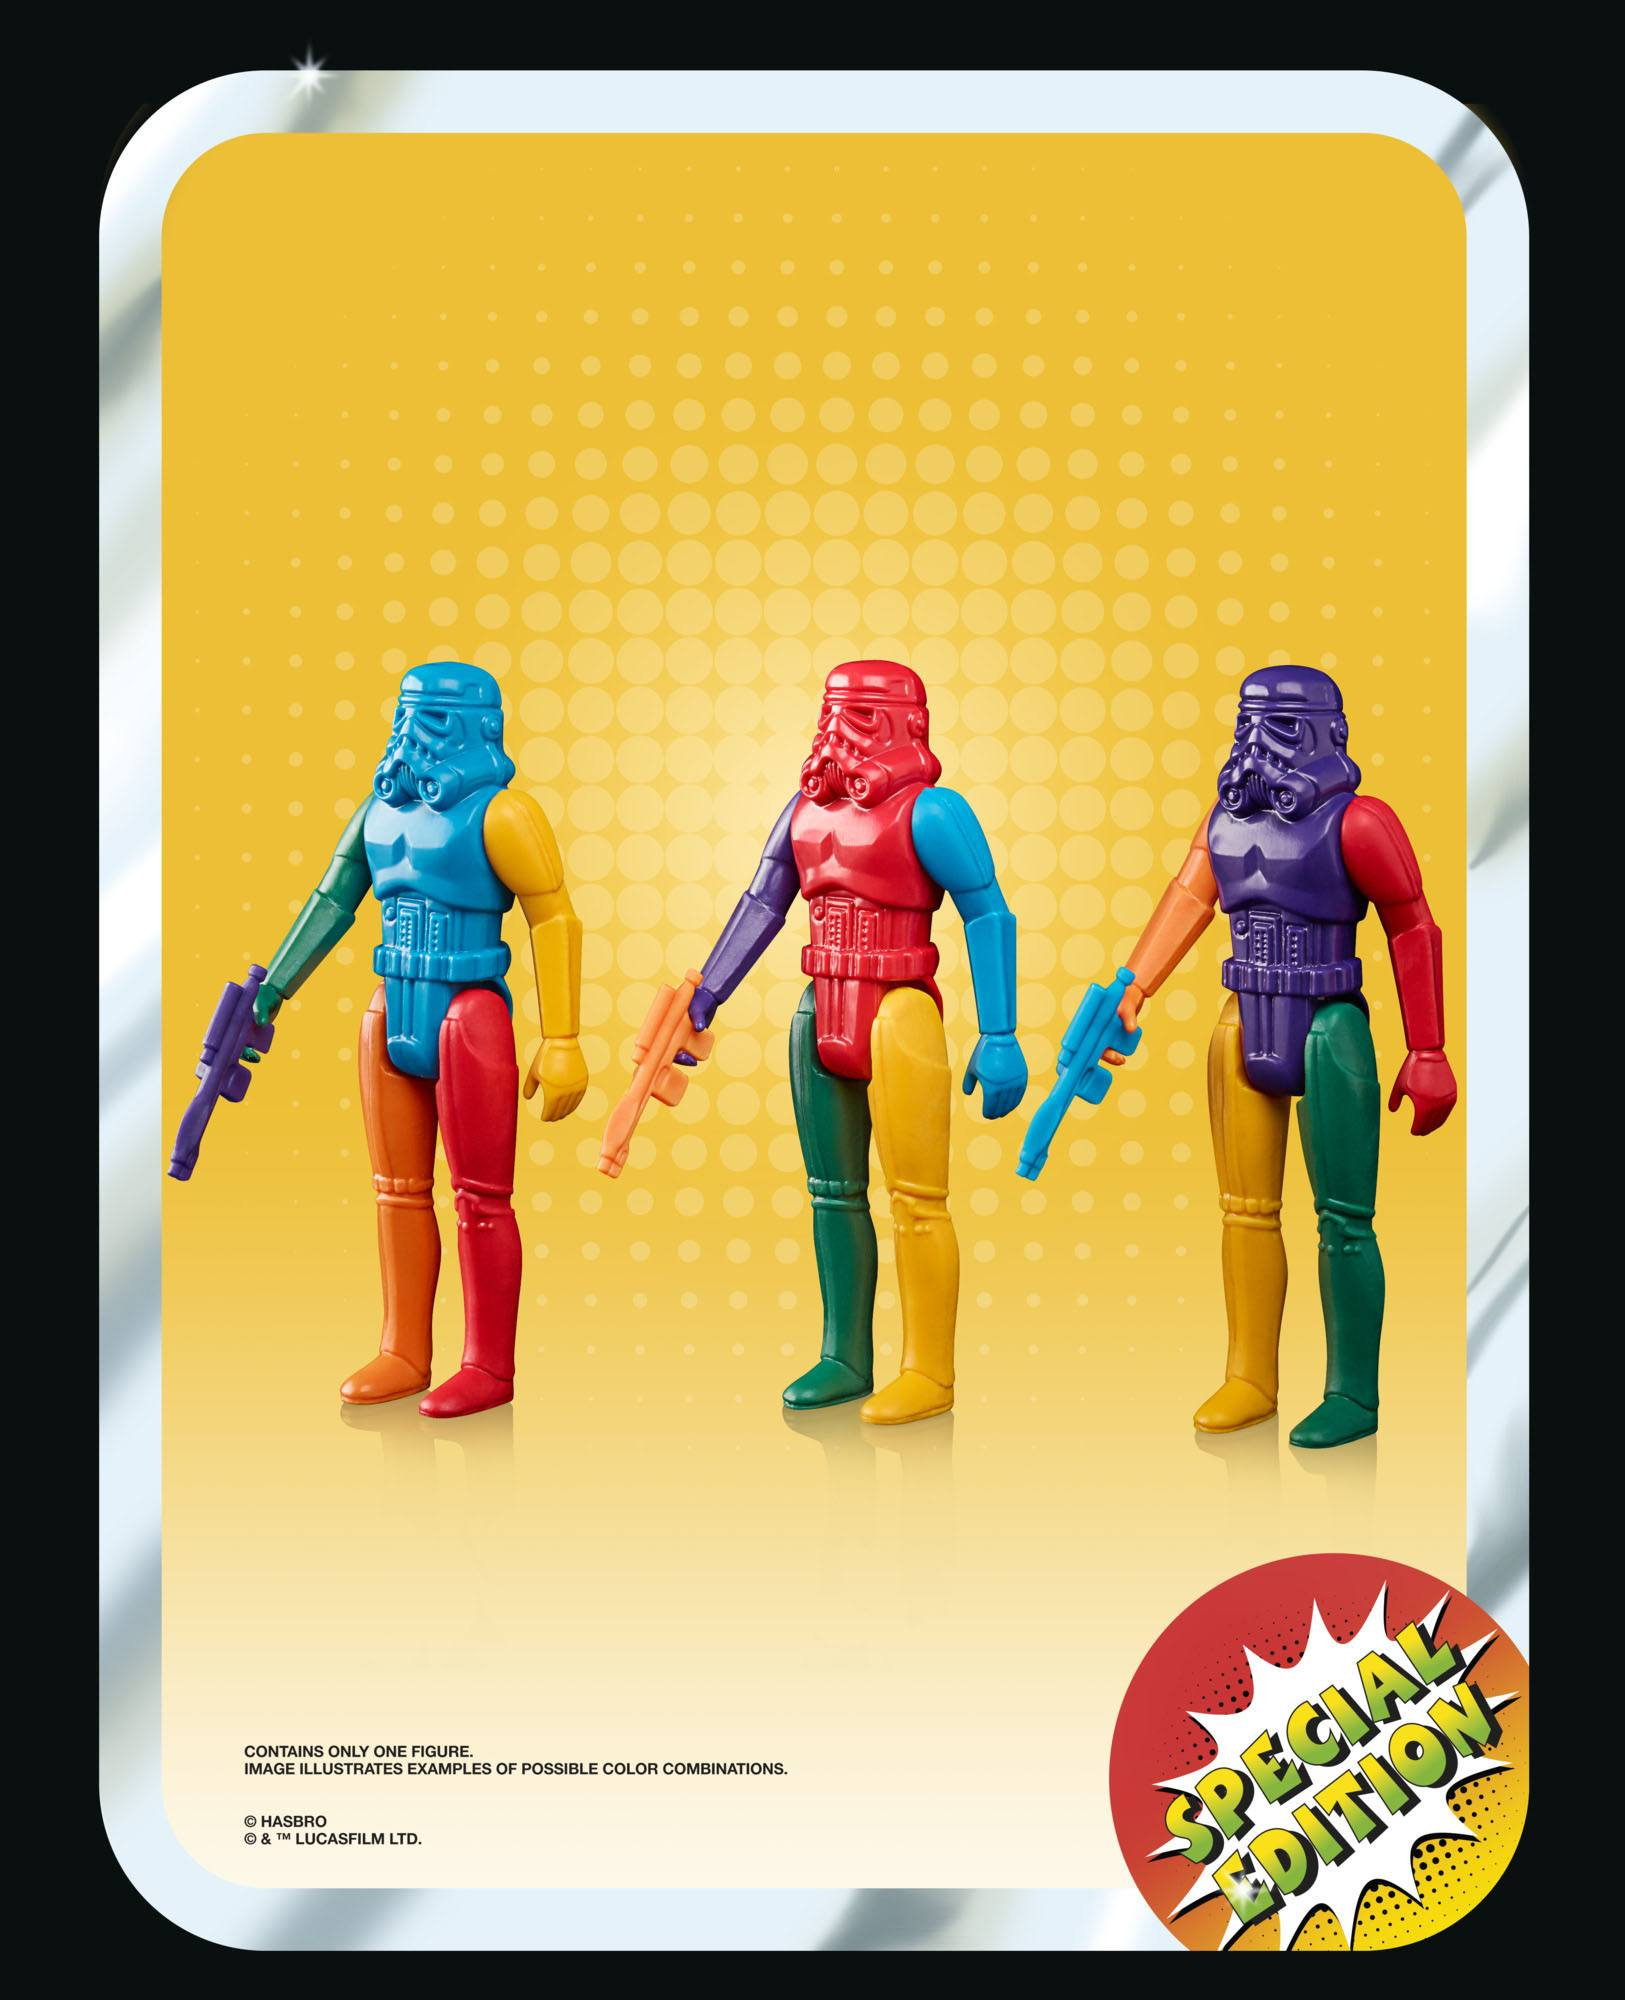 BESTELLUNG ERST BEI RELEASE MÖGLICH Star Wars Retro Collection Actionfigur 2021 Stormtrooper Prototype Edition 10 cm HASF5318 5010993950041